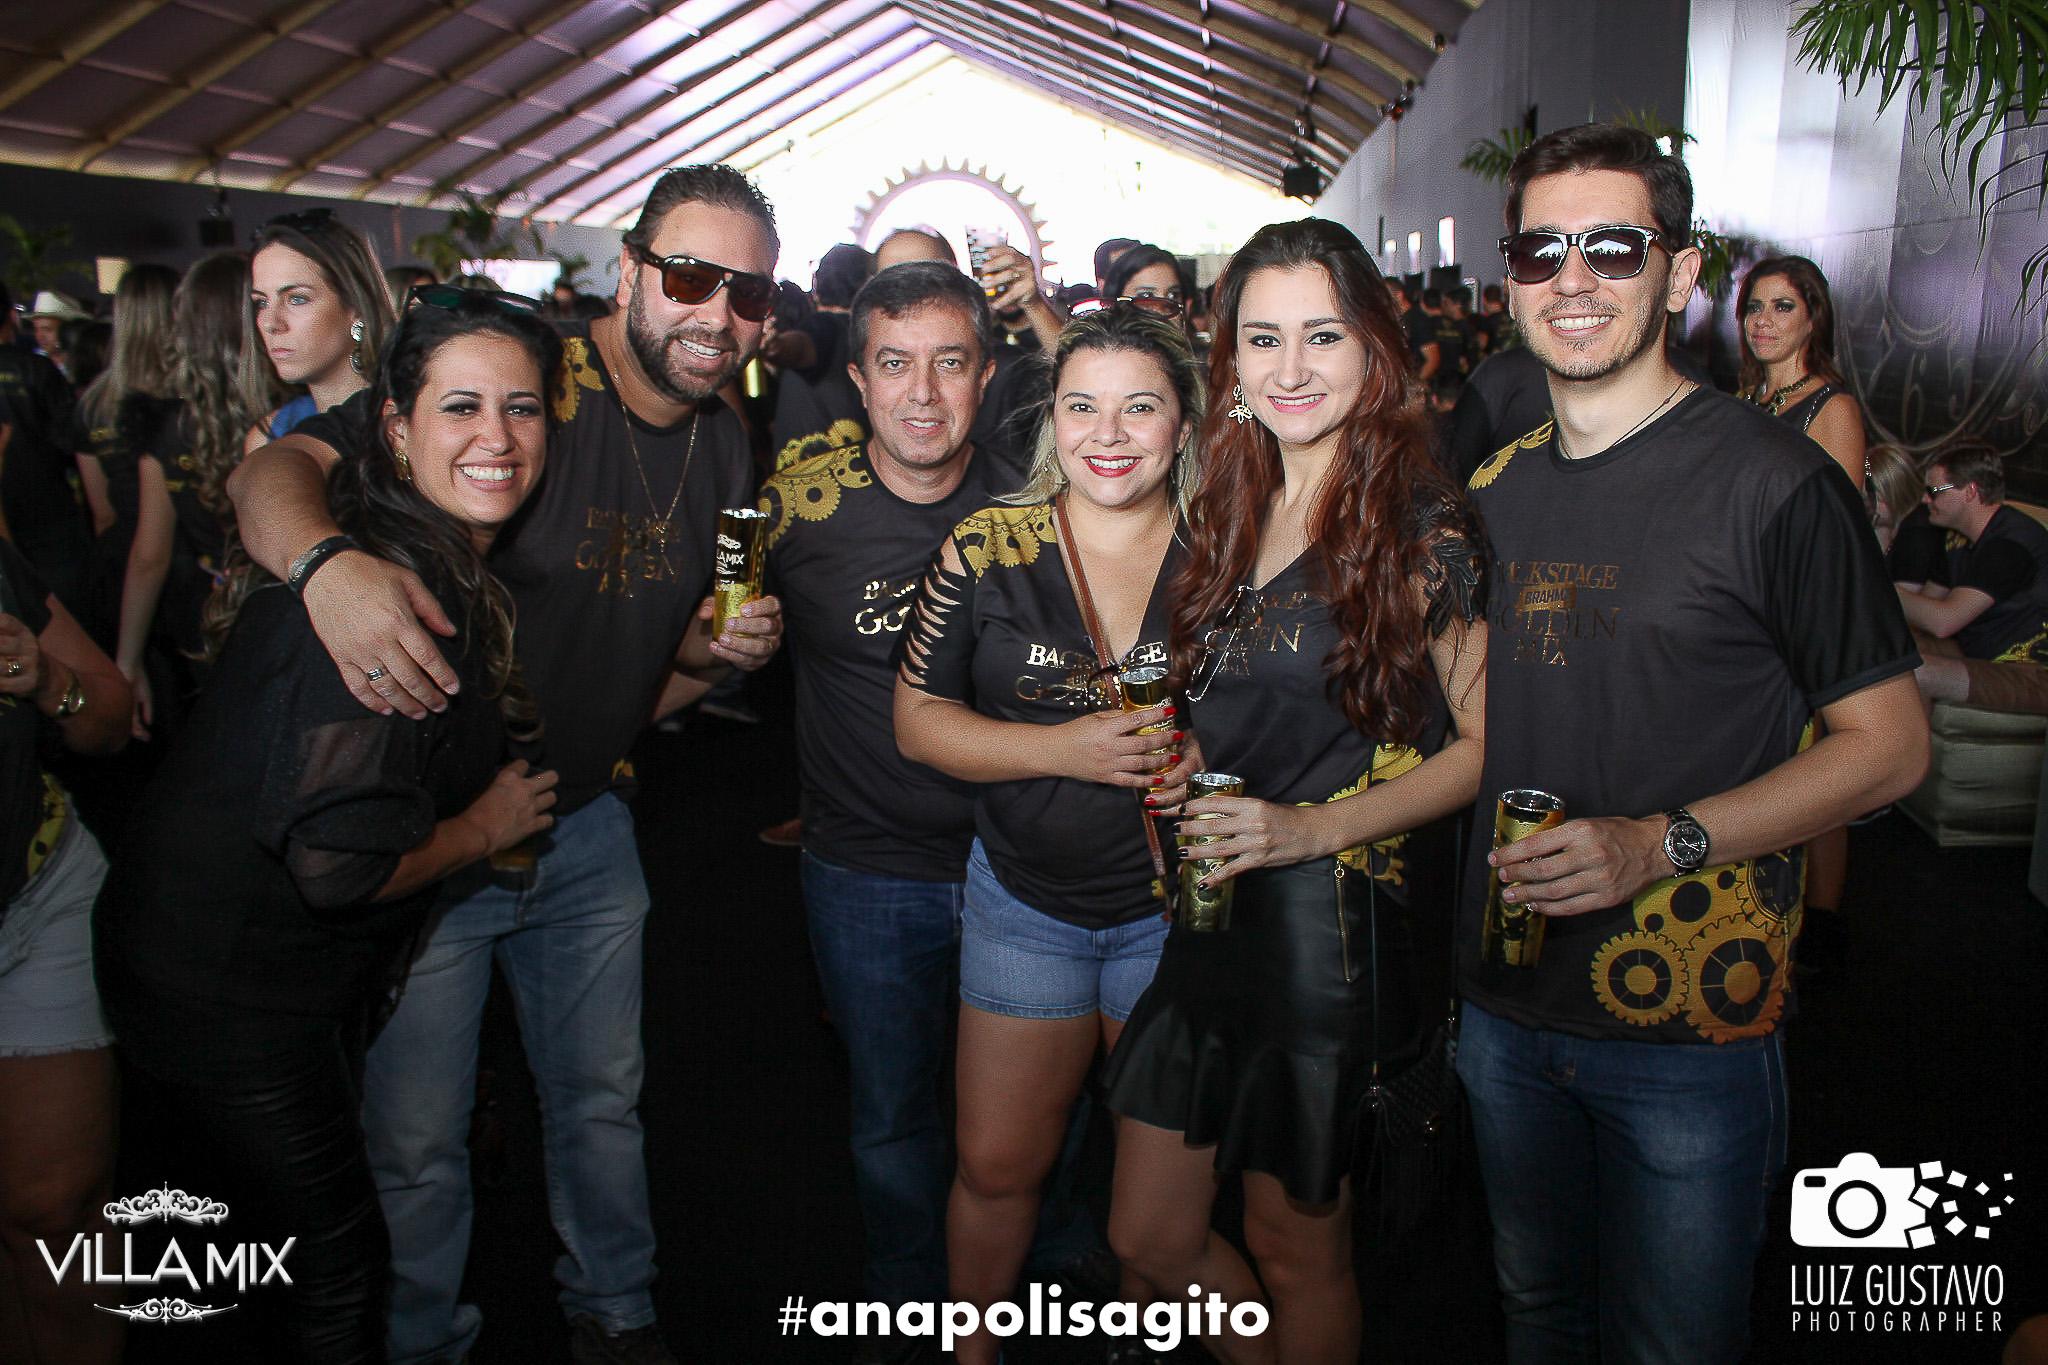 Luiz Gustavo Photographer (79 de 327)